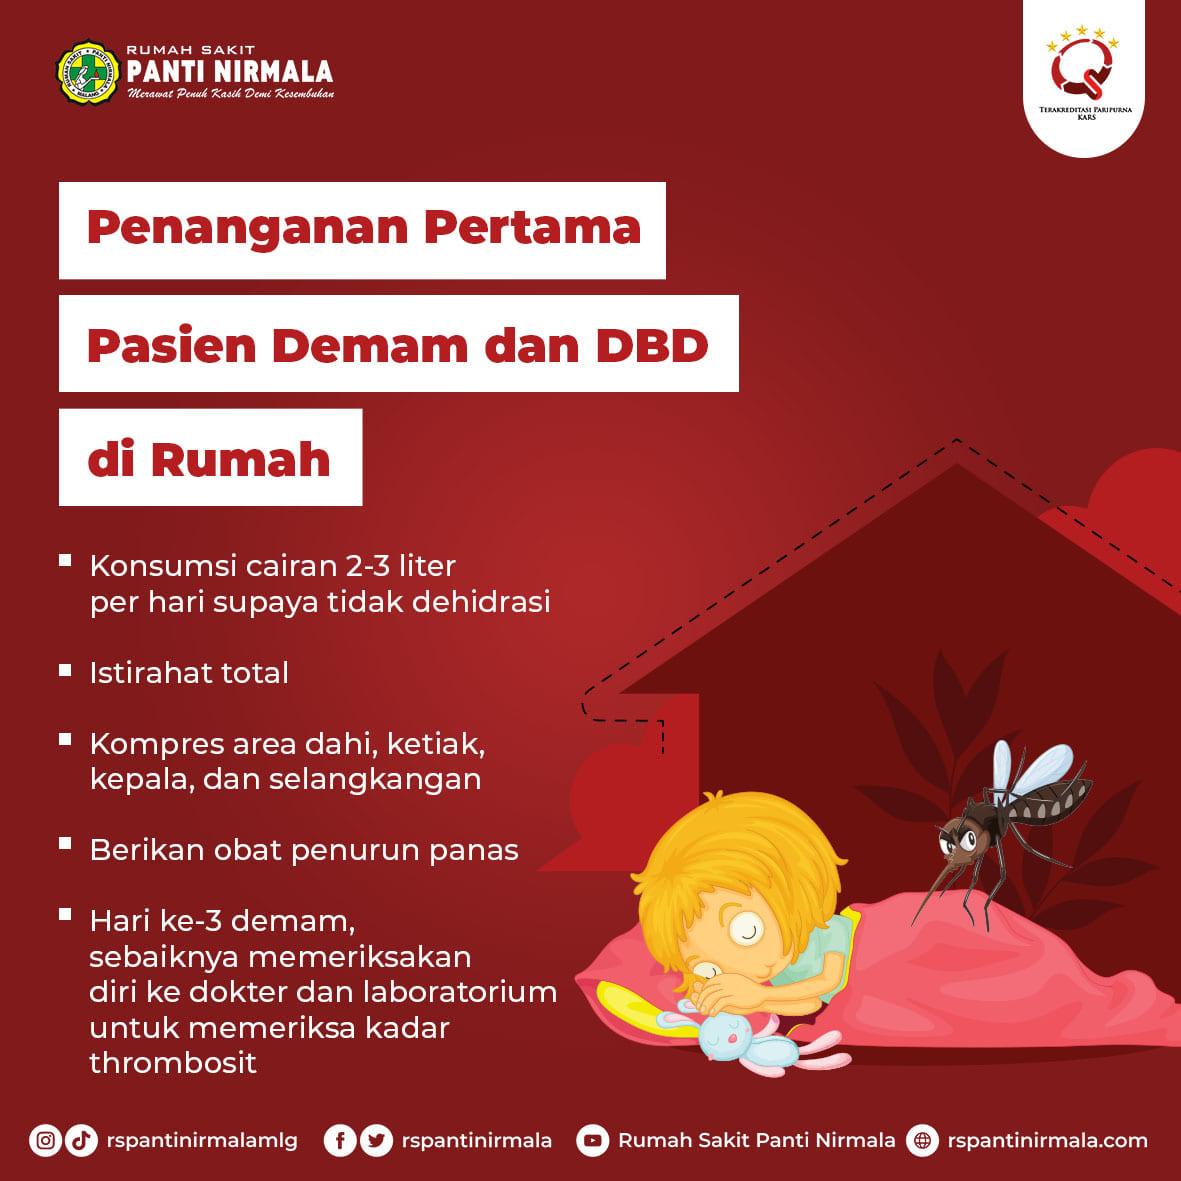 dbd-atau-demam-berdarah-dengue-22